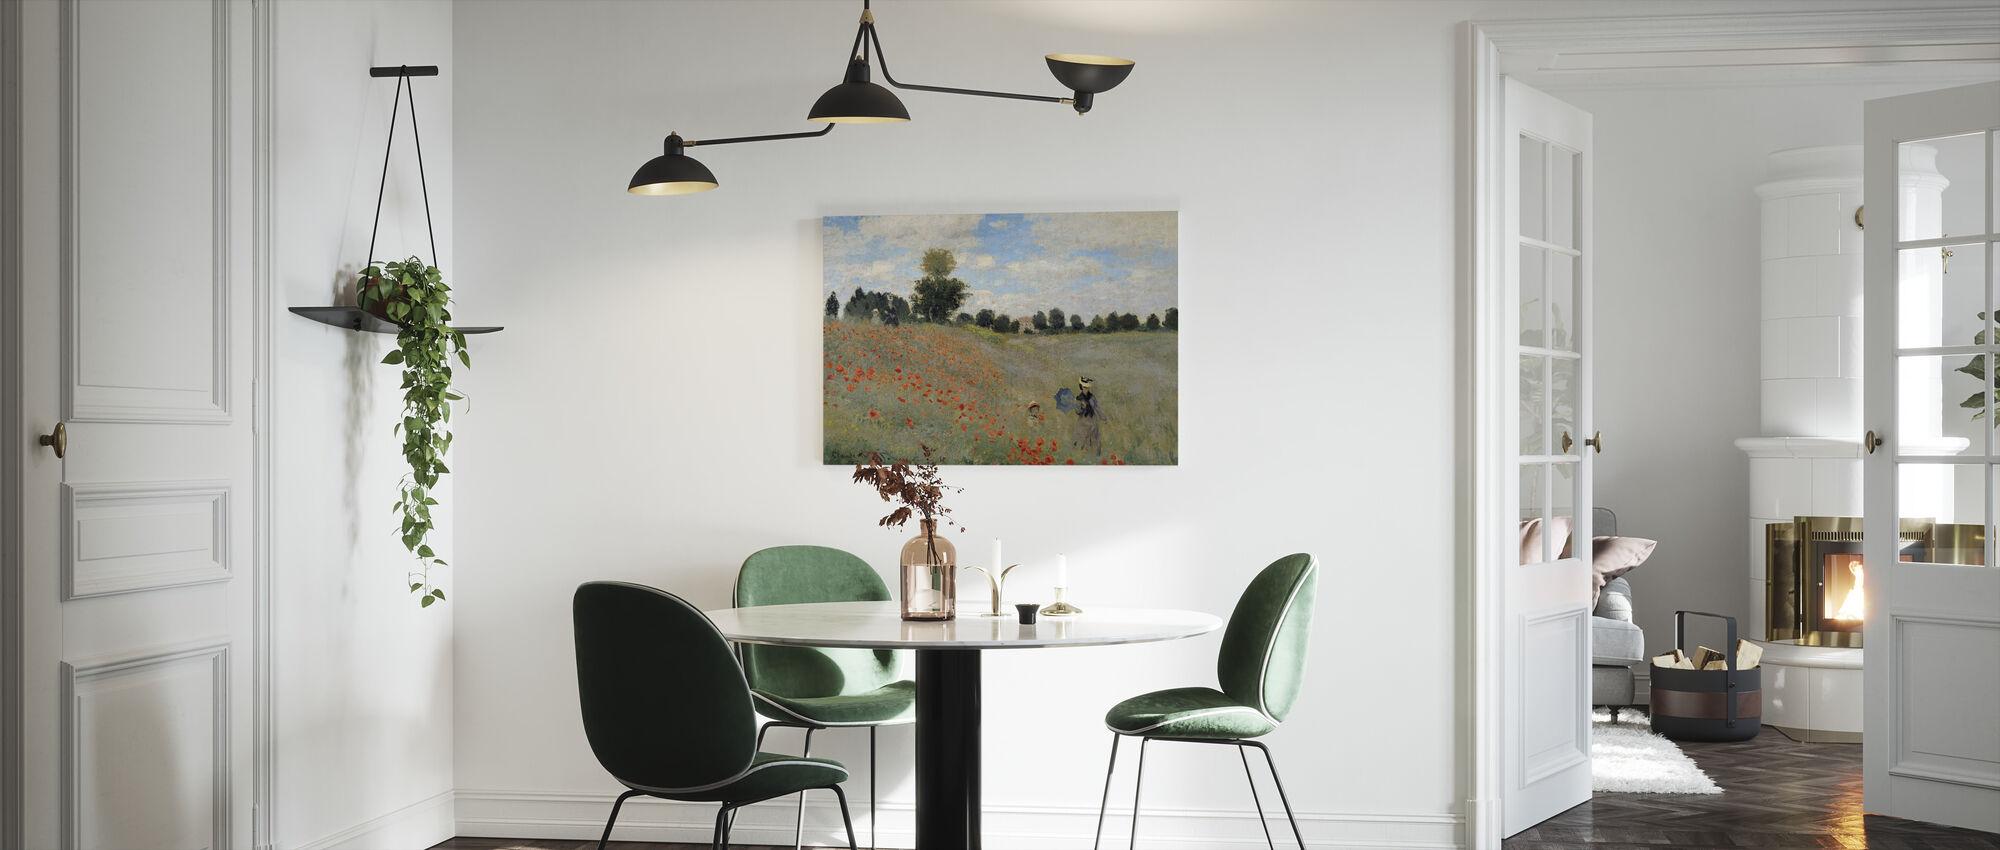 Vilda vallmo - Claude Monet - Canvastavla - Kök